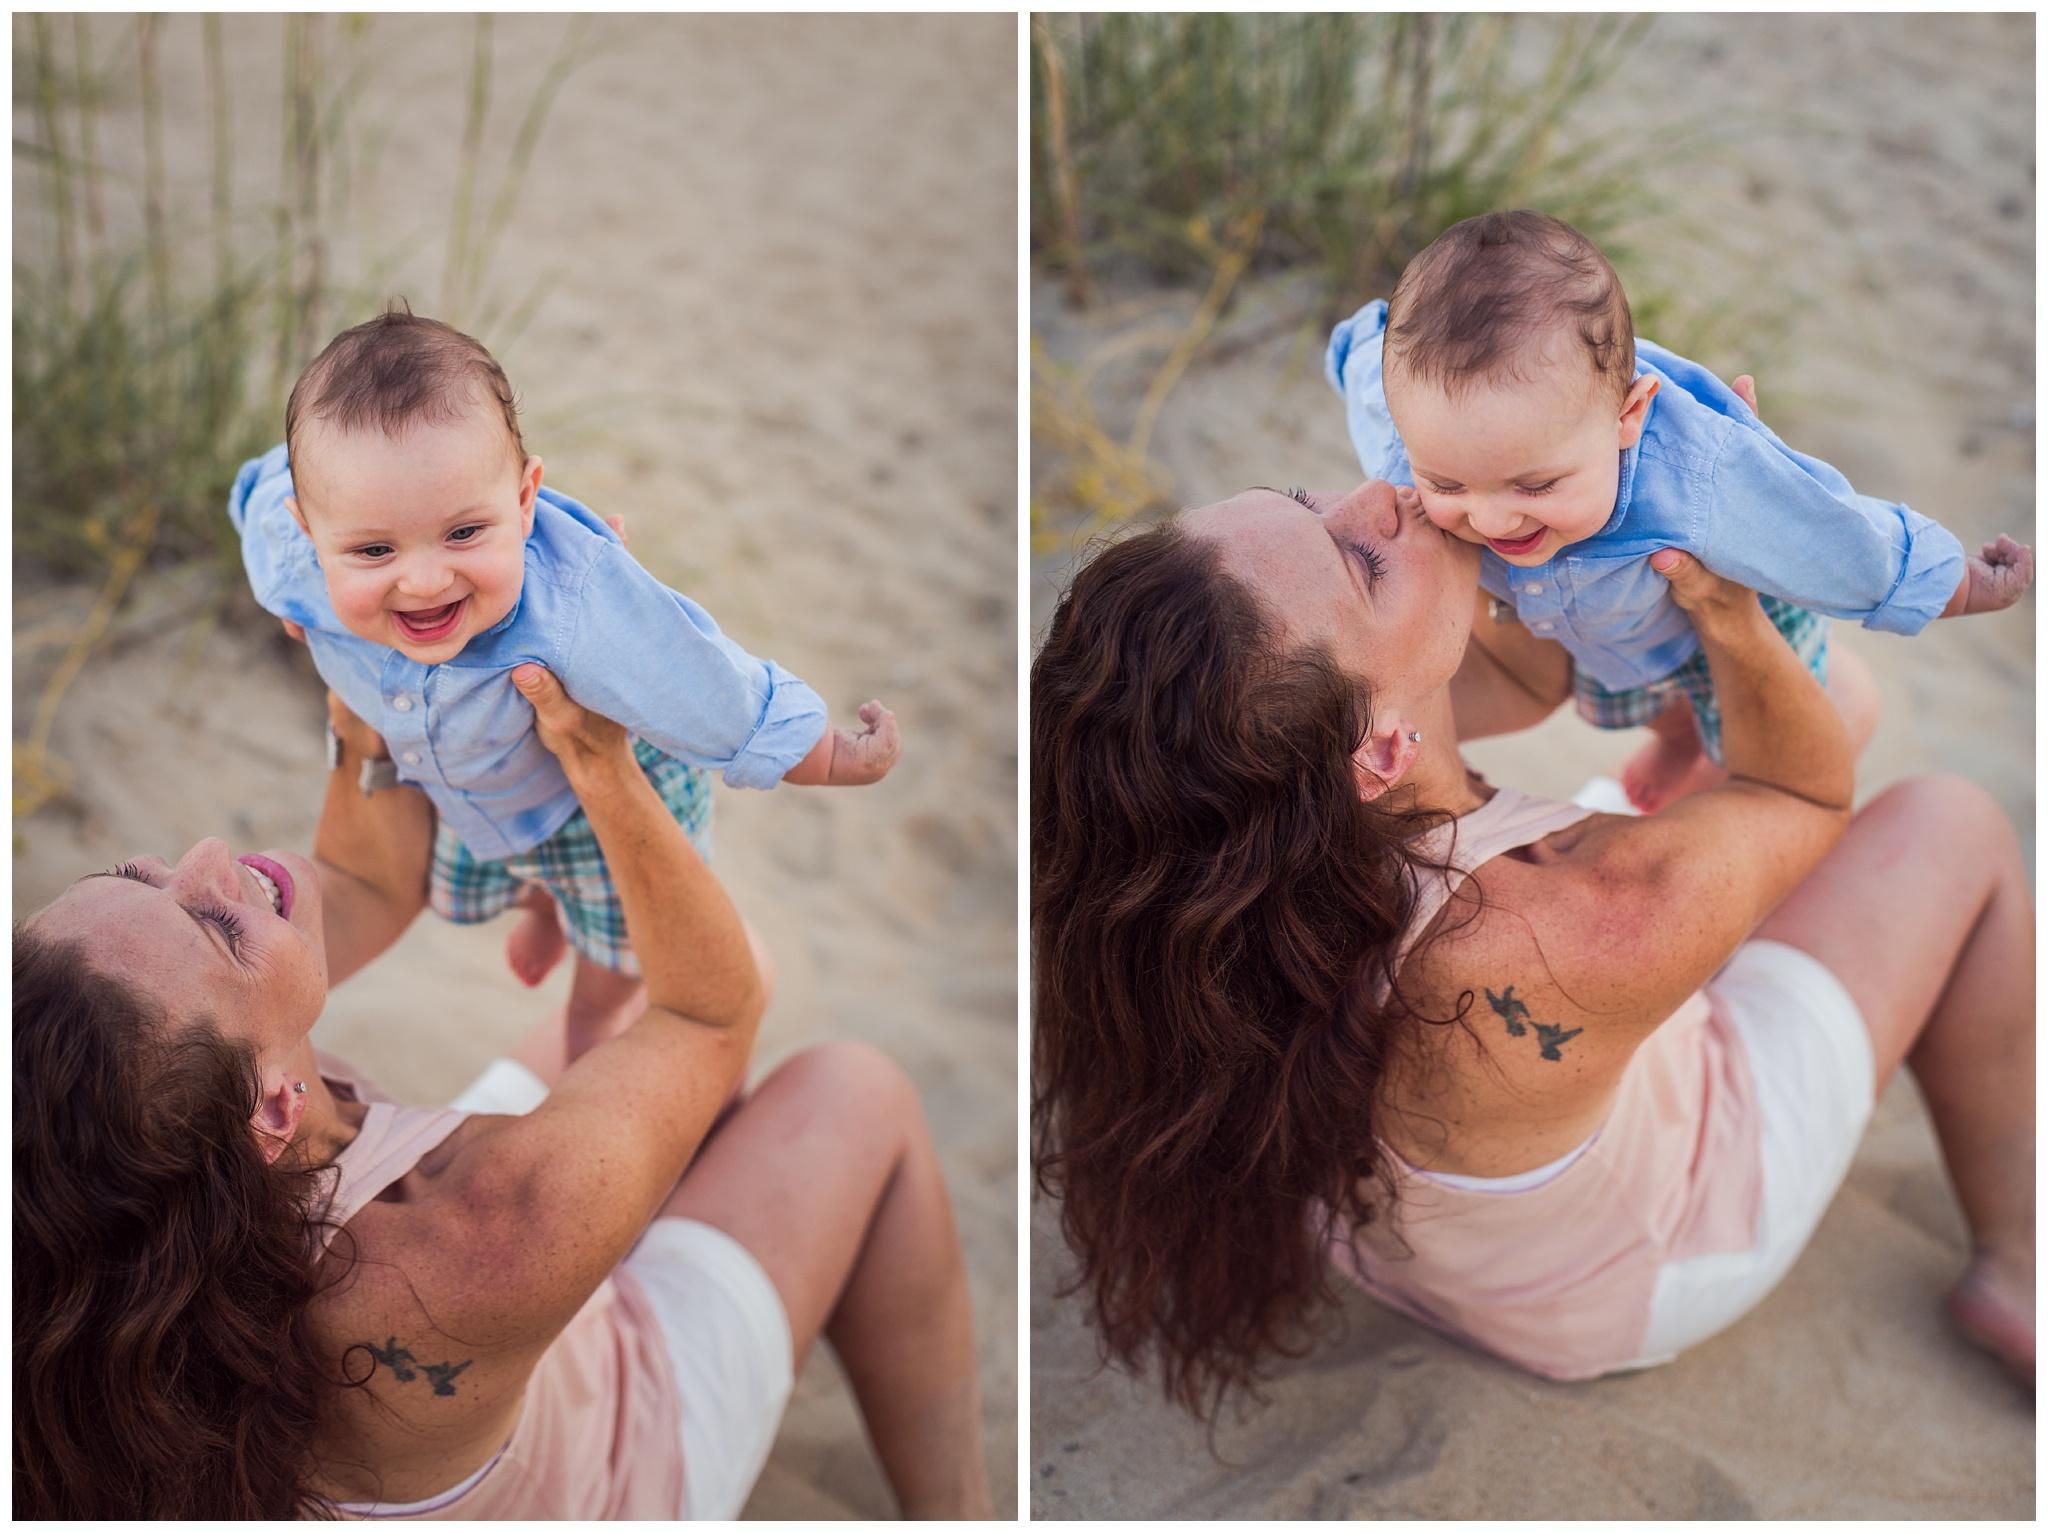 Virginia-Beach-Family-Photographer -4-2.jpg